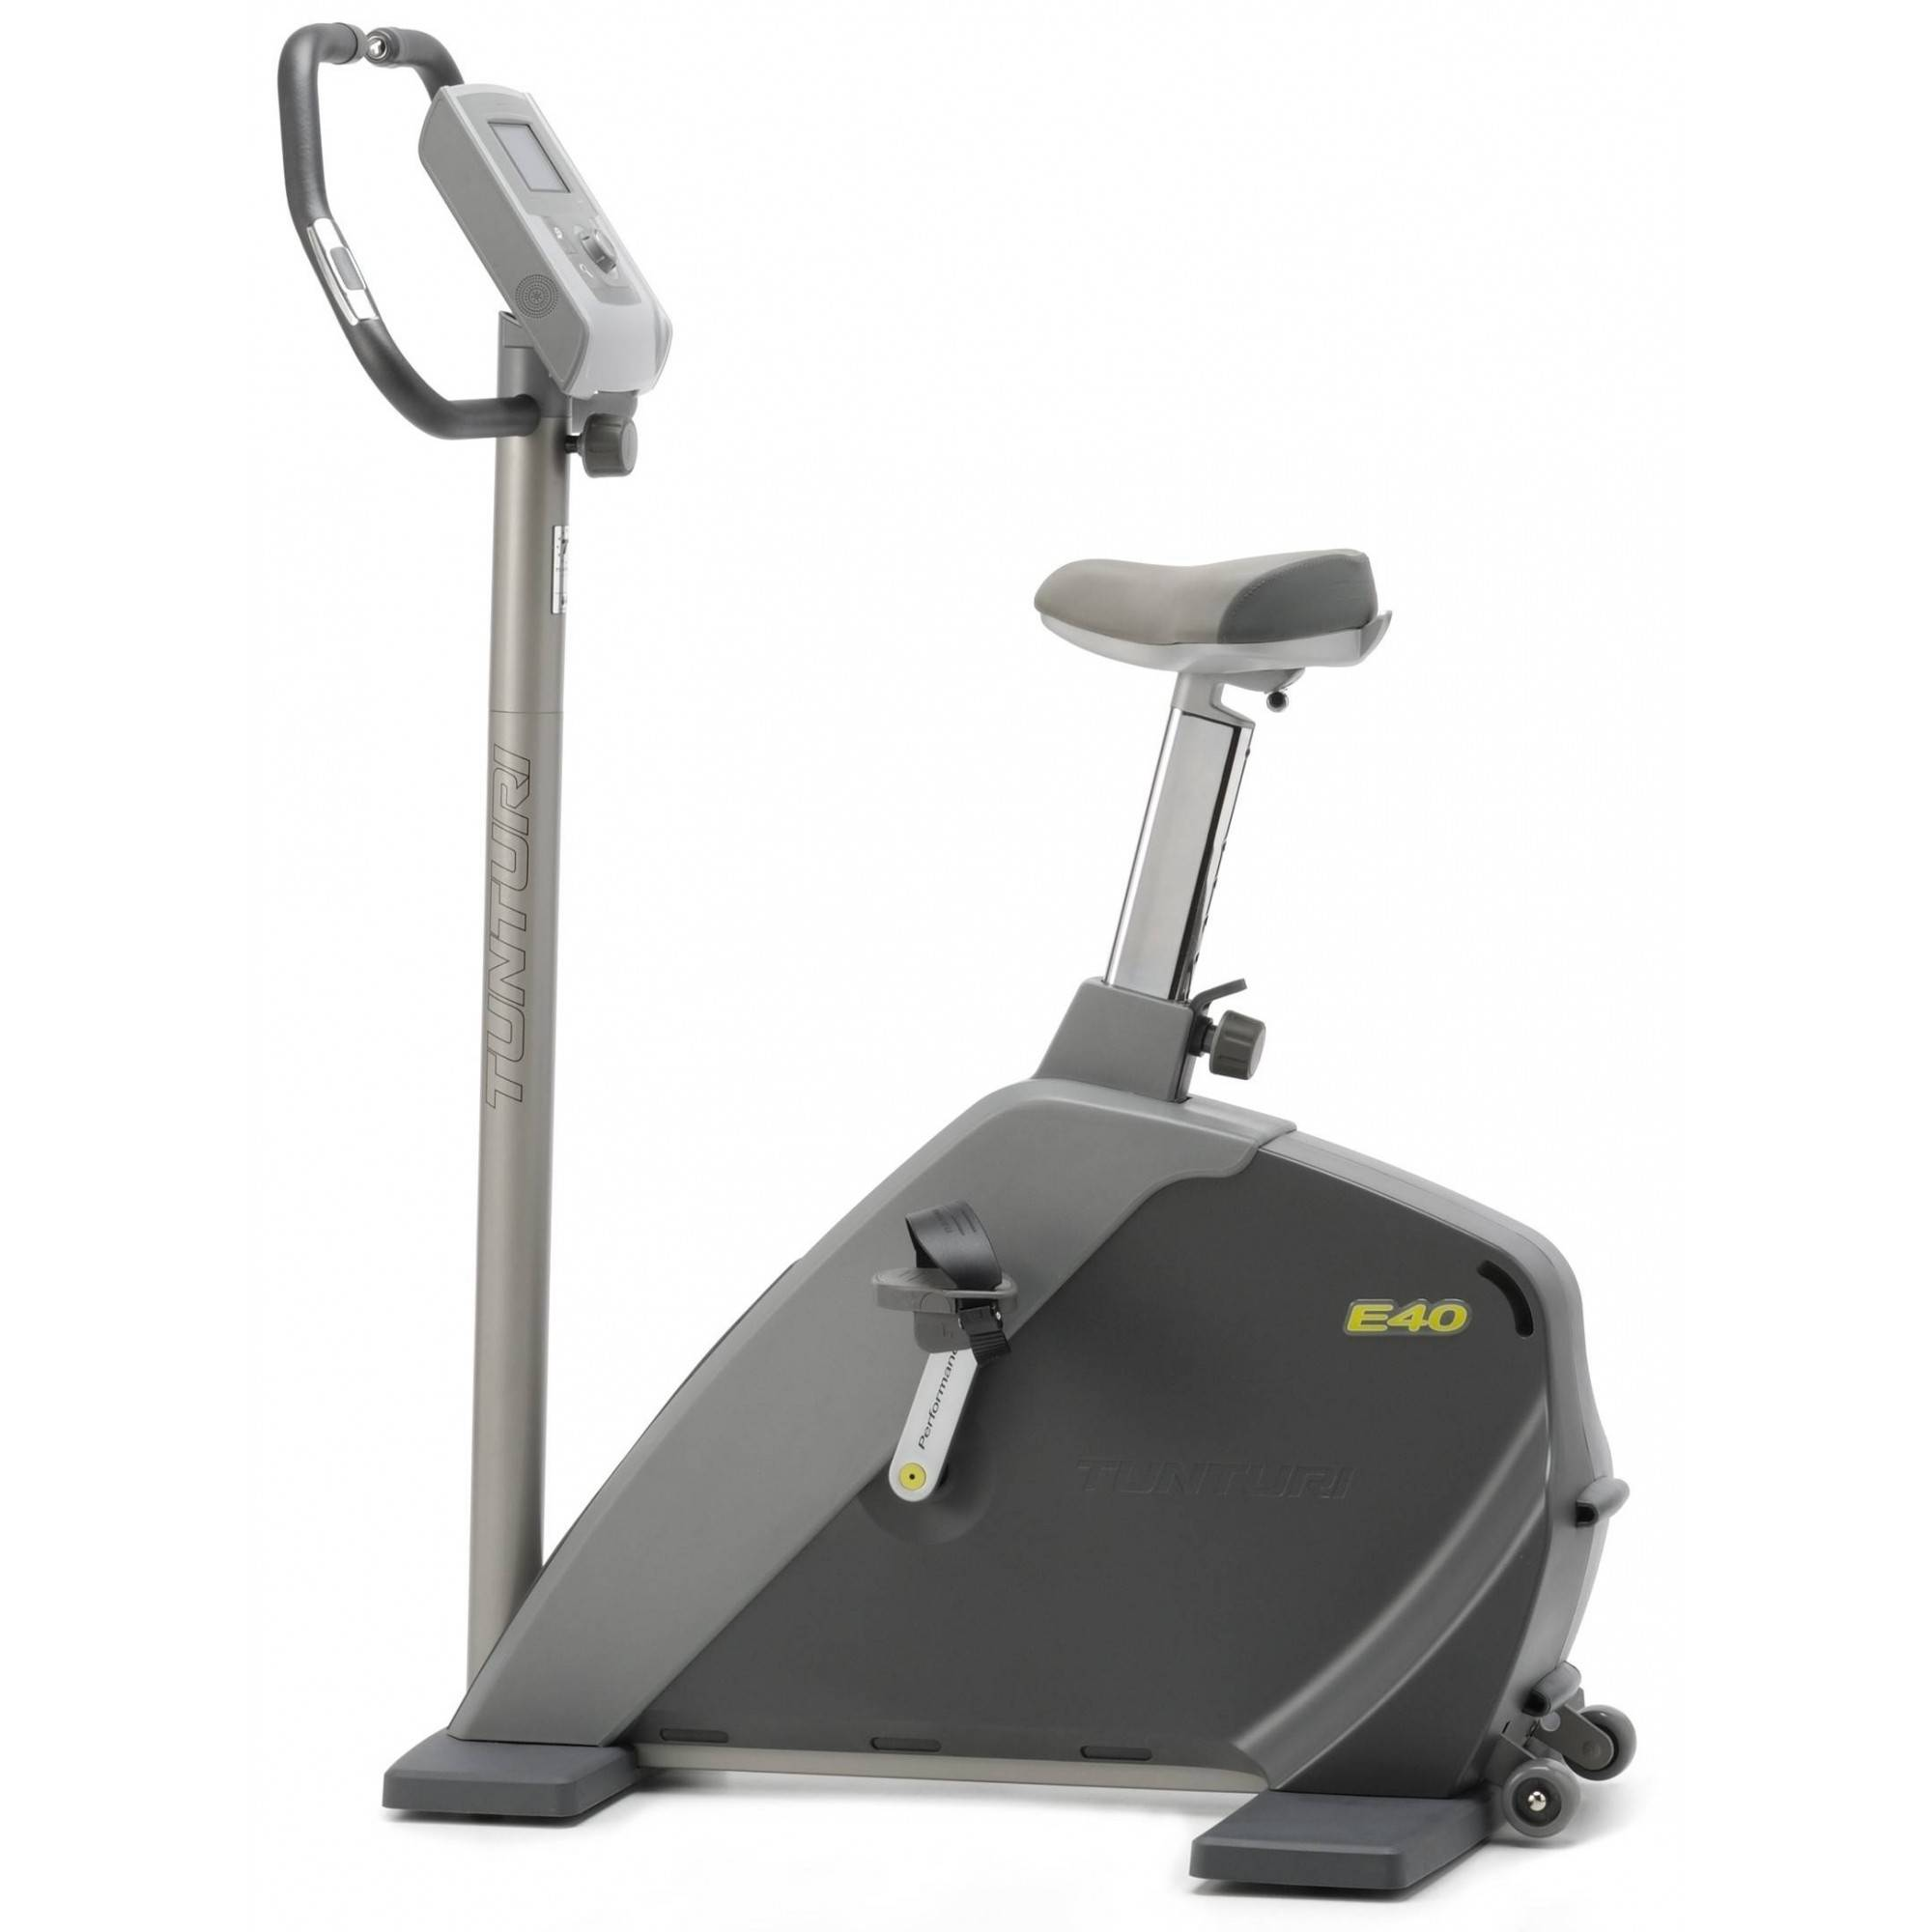 Rower treningowy pionowy Tunturi E40 | indukcyjny,producent: Tunturi, zdjecie photo: 1 | klubfitness.pl | sprzęt sportowy sport